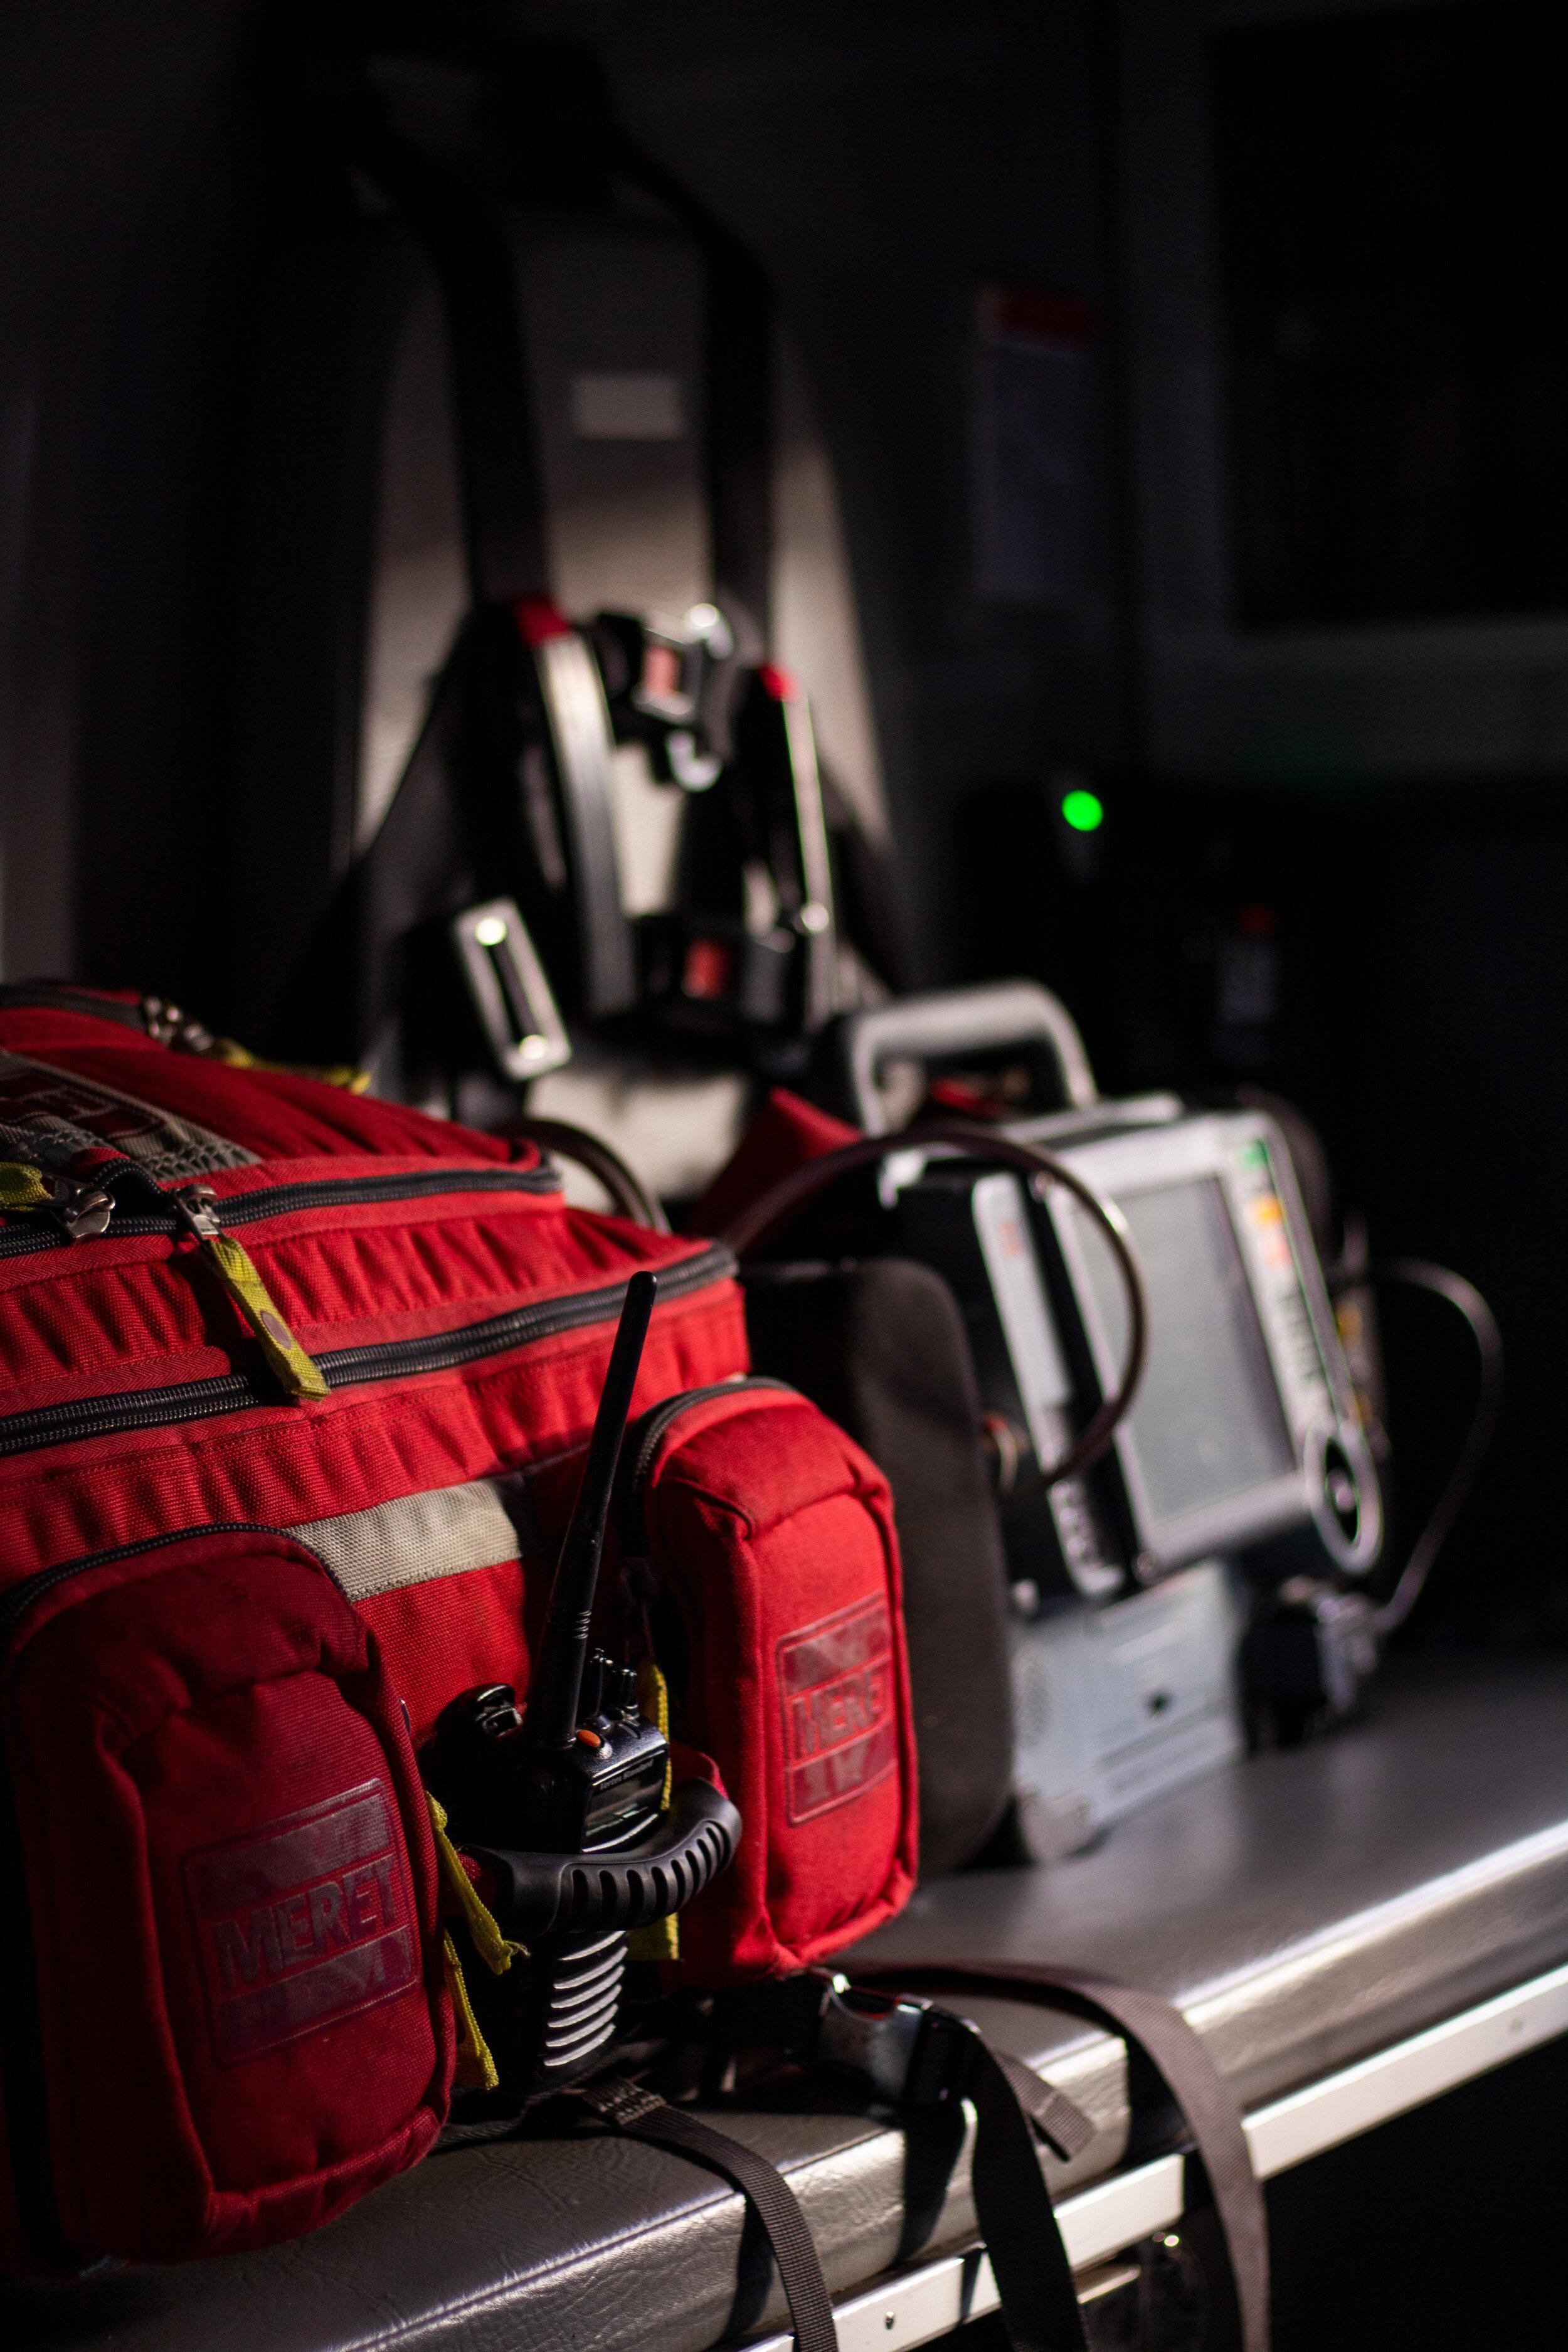 Ambulance Gear Still Life.jpg